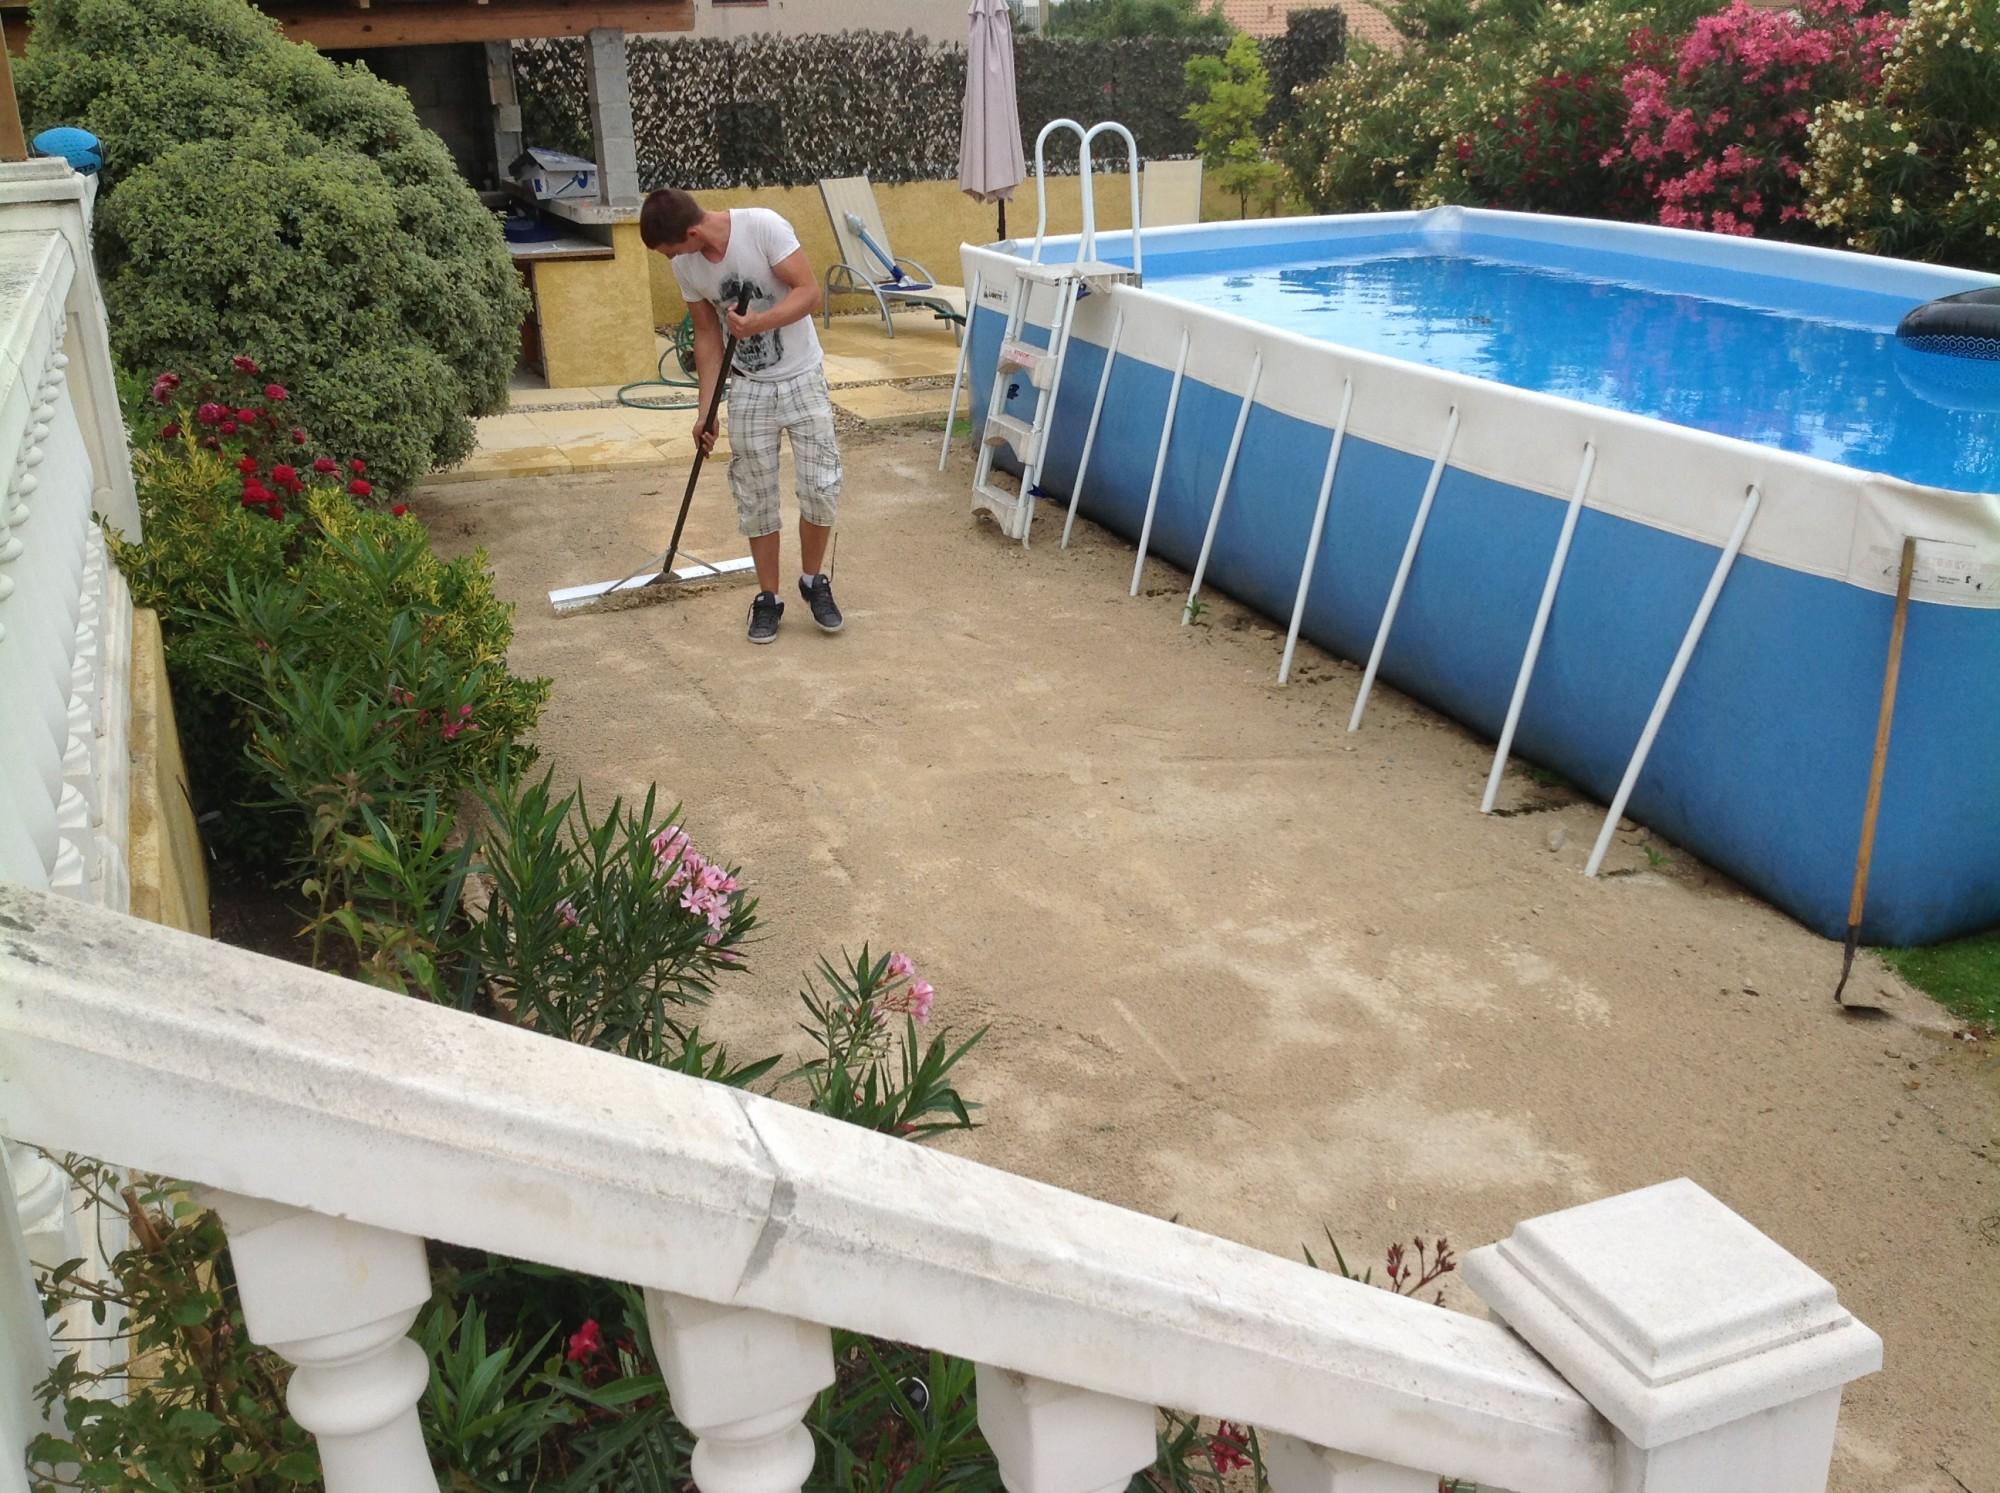 Pose d 39 un gazon synth tique cannes pr s d 39 une piscine la pose gazon synth tique gazon et - Niveler un terrain pour pelouse ...